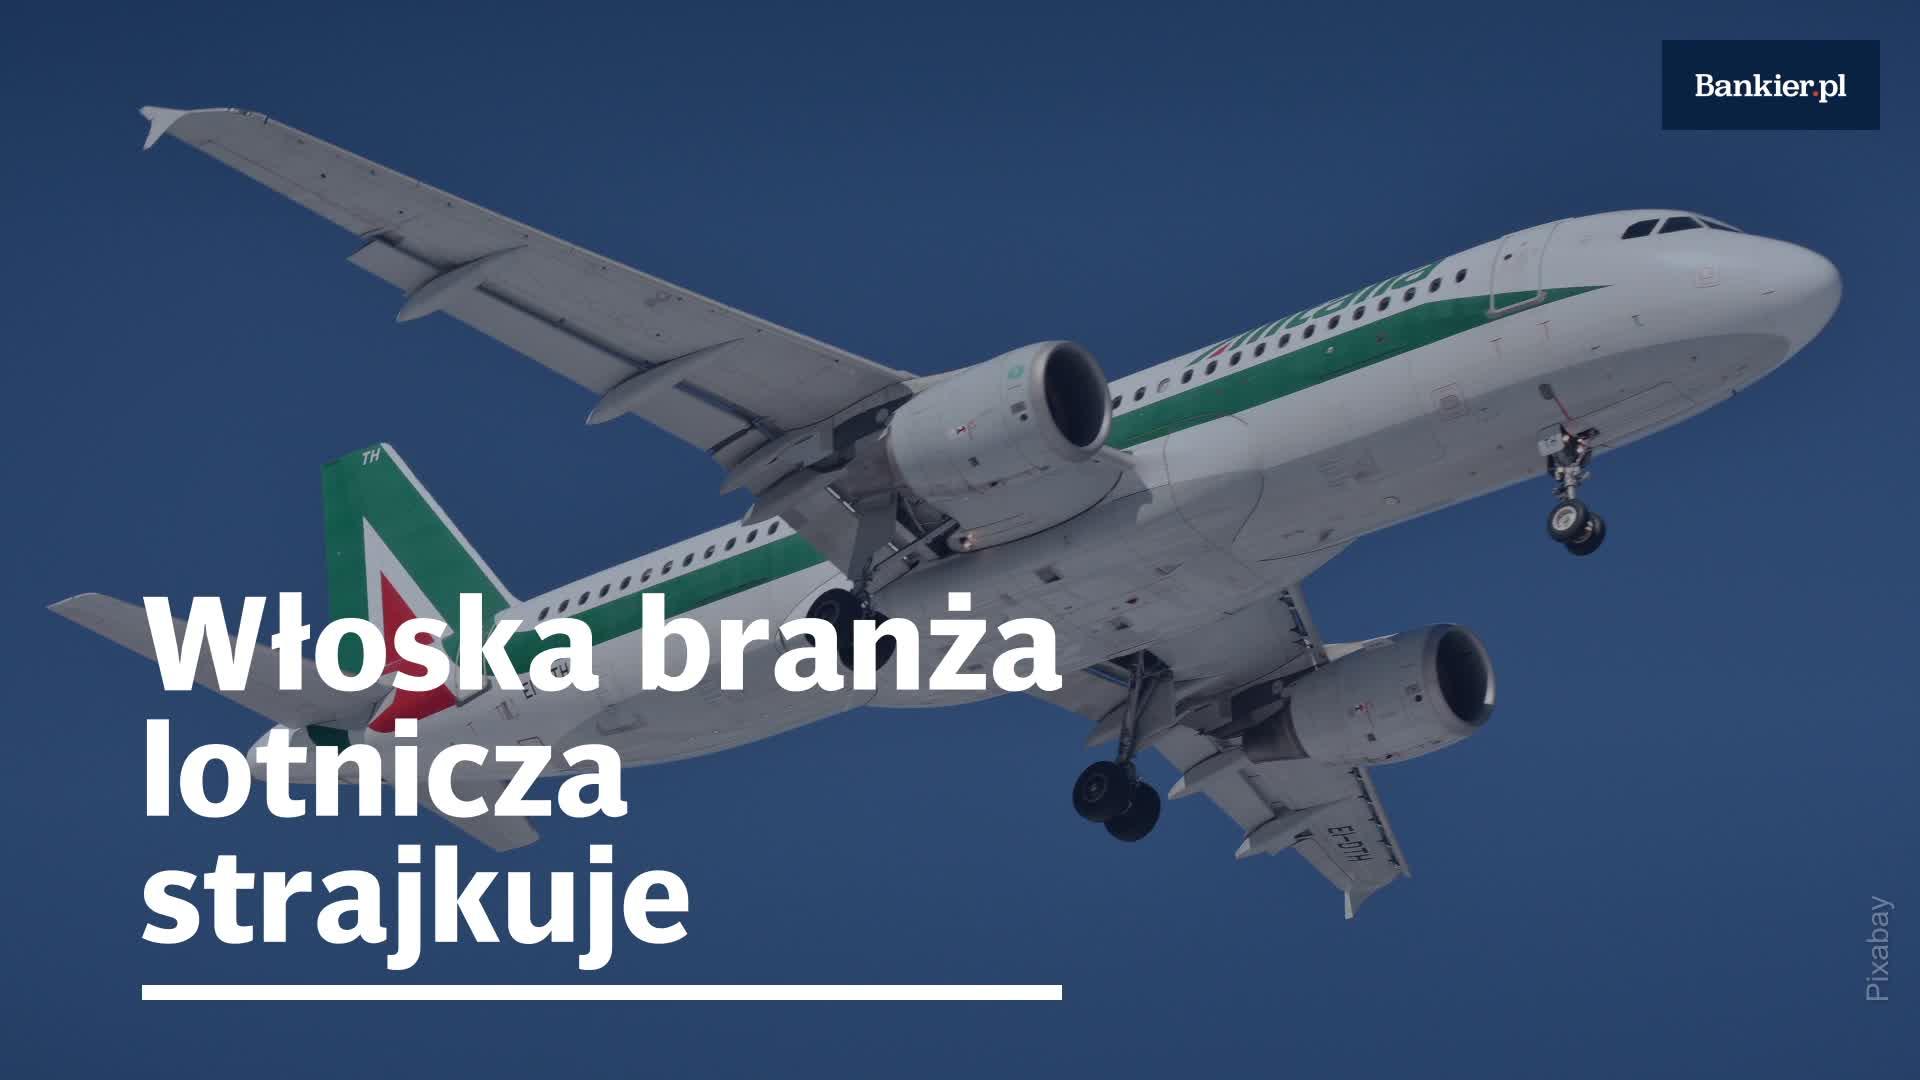 Włoska branża lotnicza strajkuje